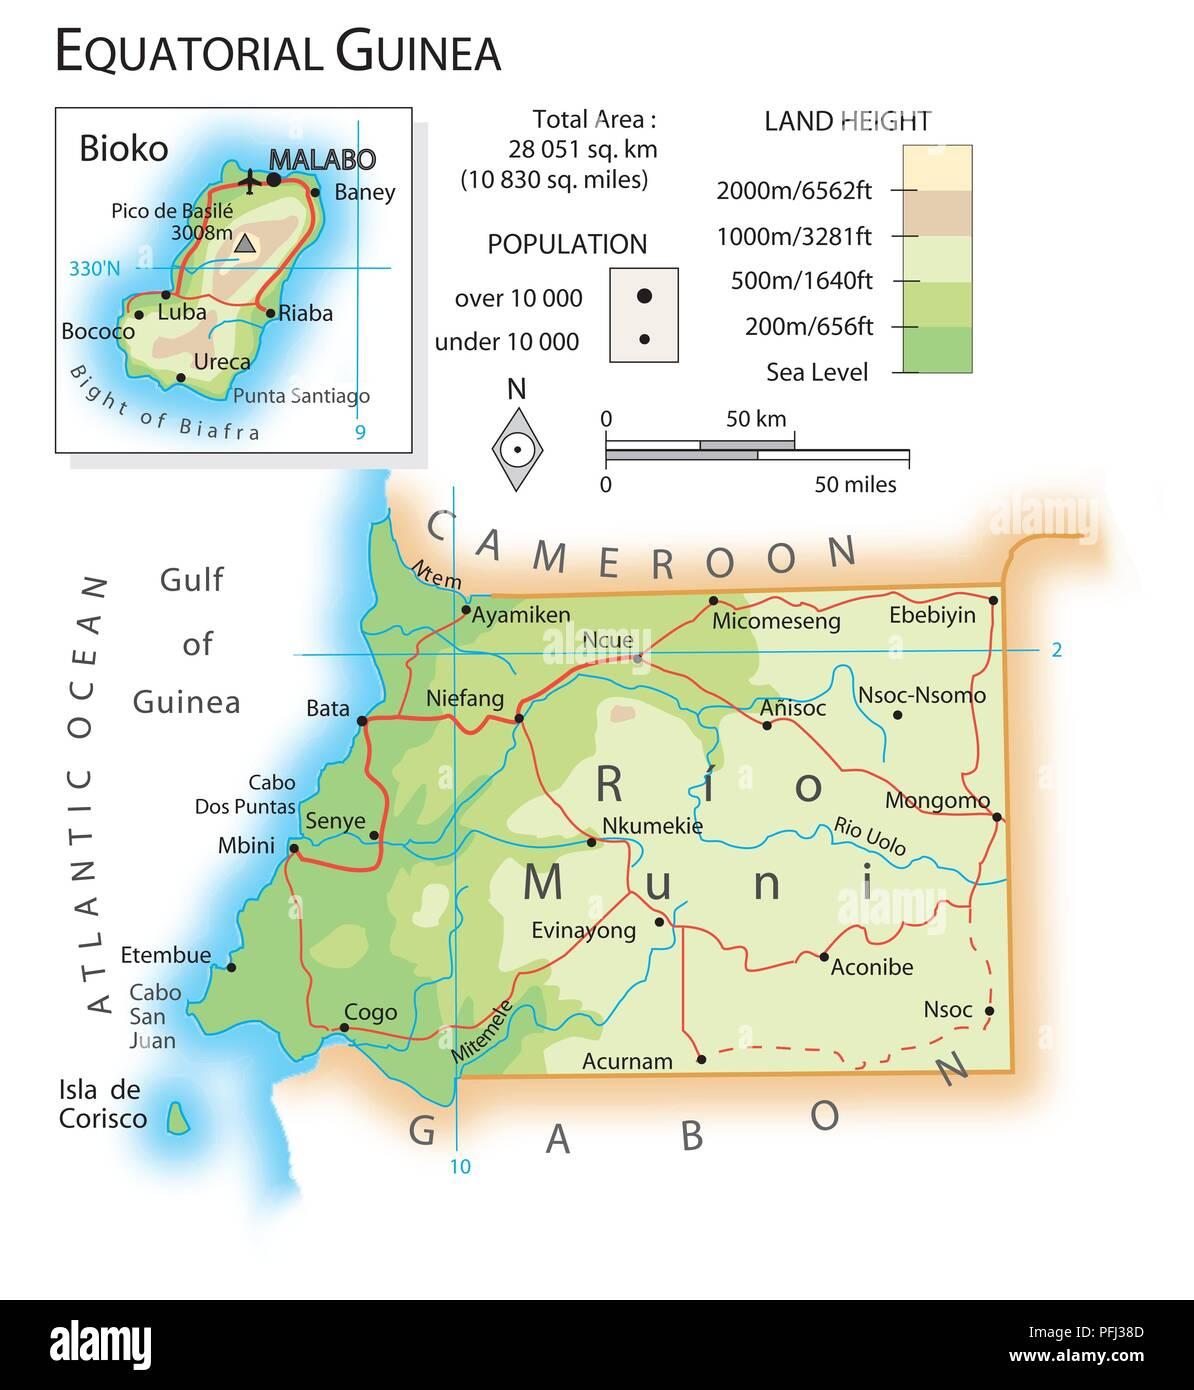 Map of Equatorial Guinea Stock Photo: 216141981 - Alamy